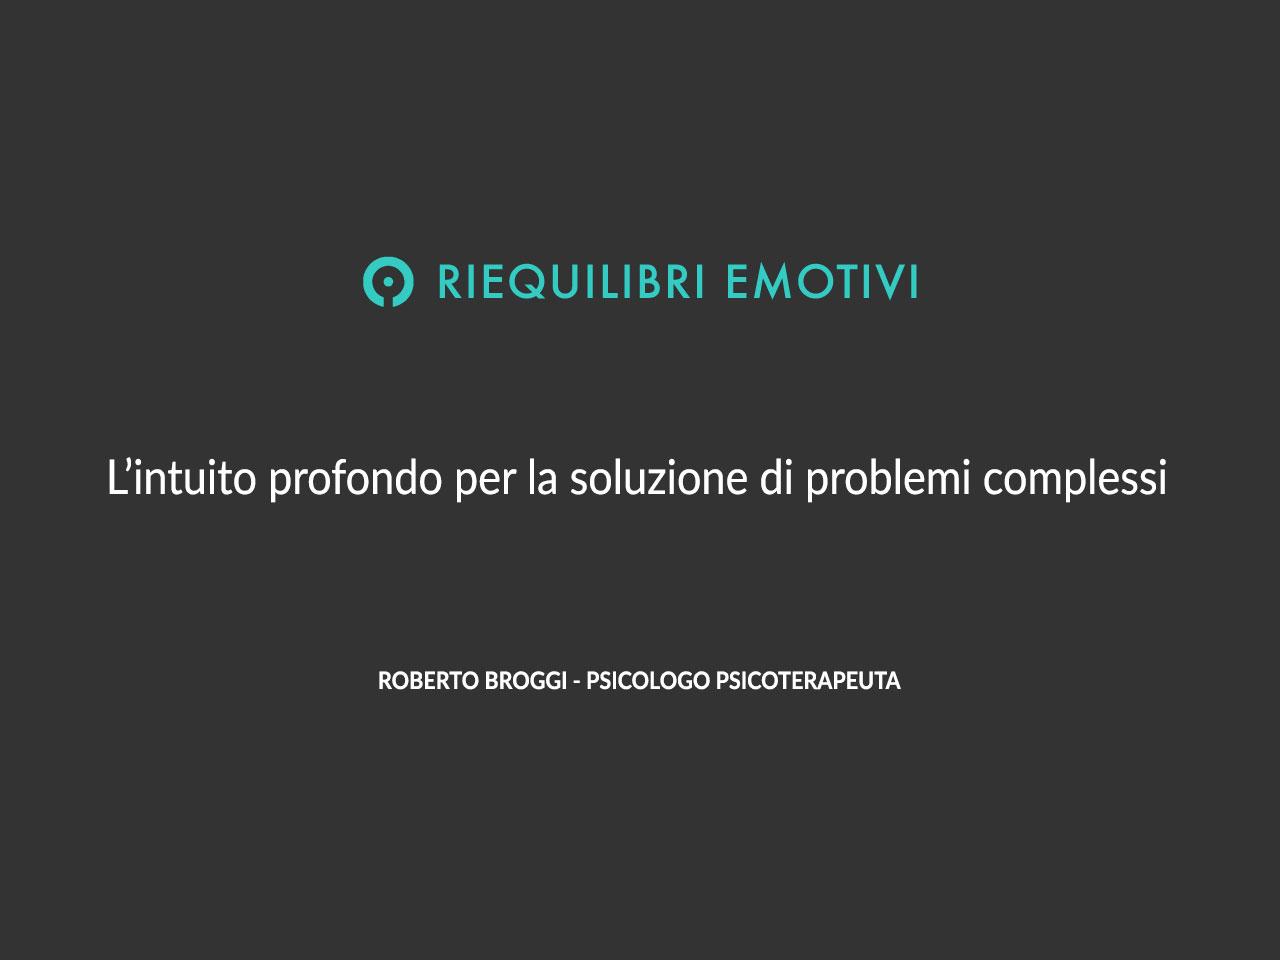 intuito-profondo-per-la-soluzione-di-problemi-complessi